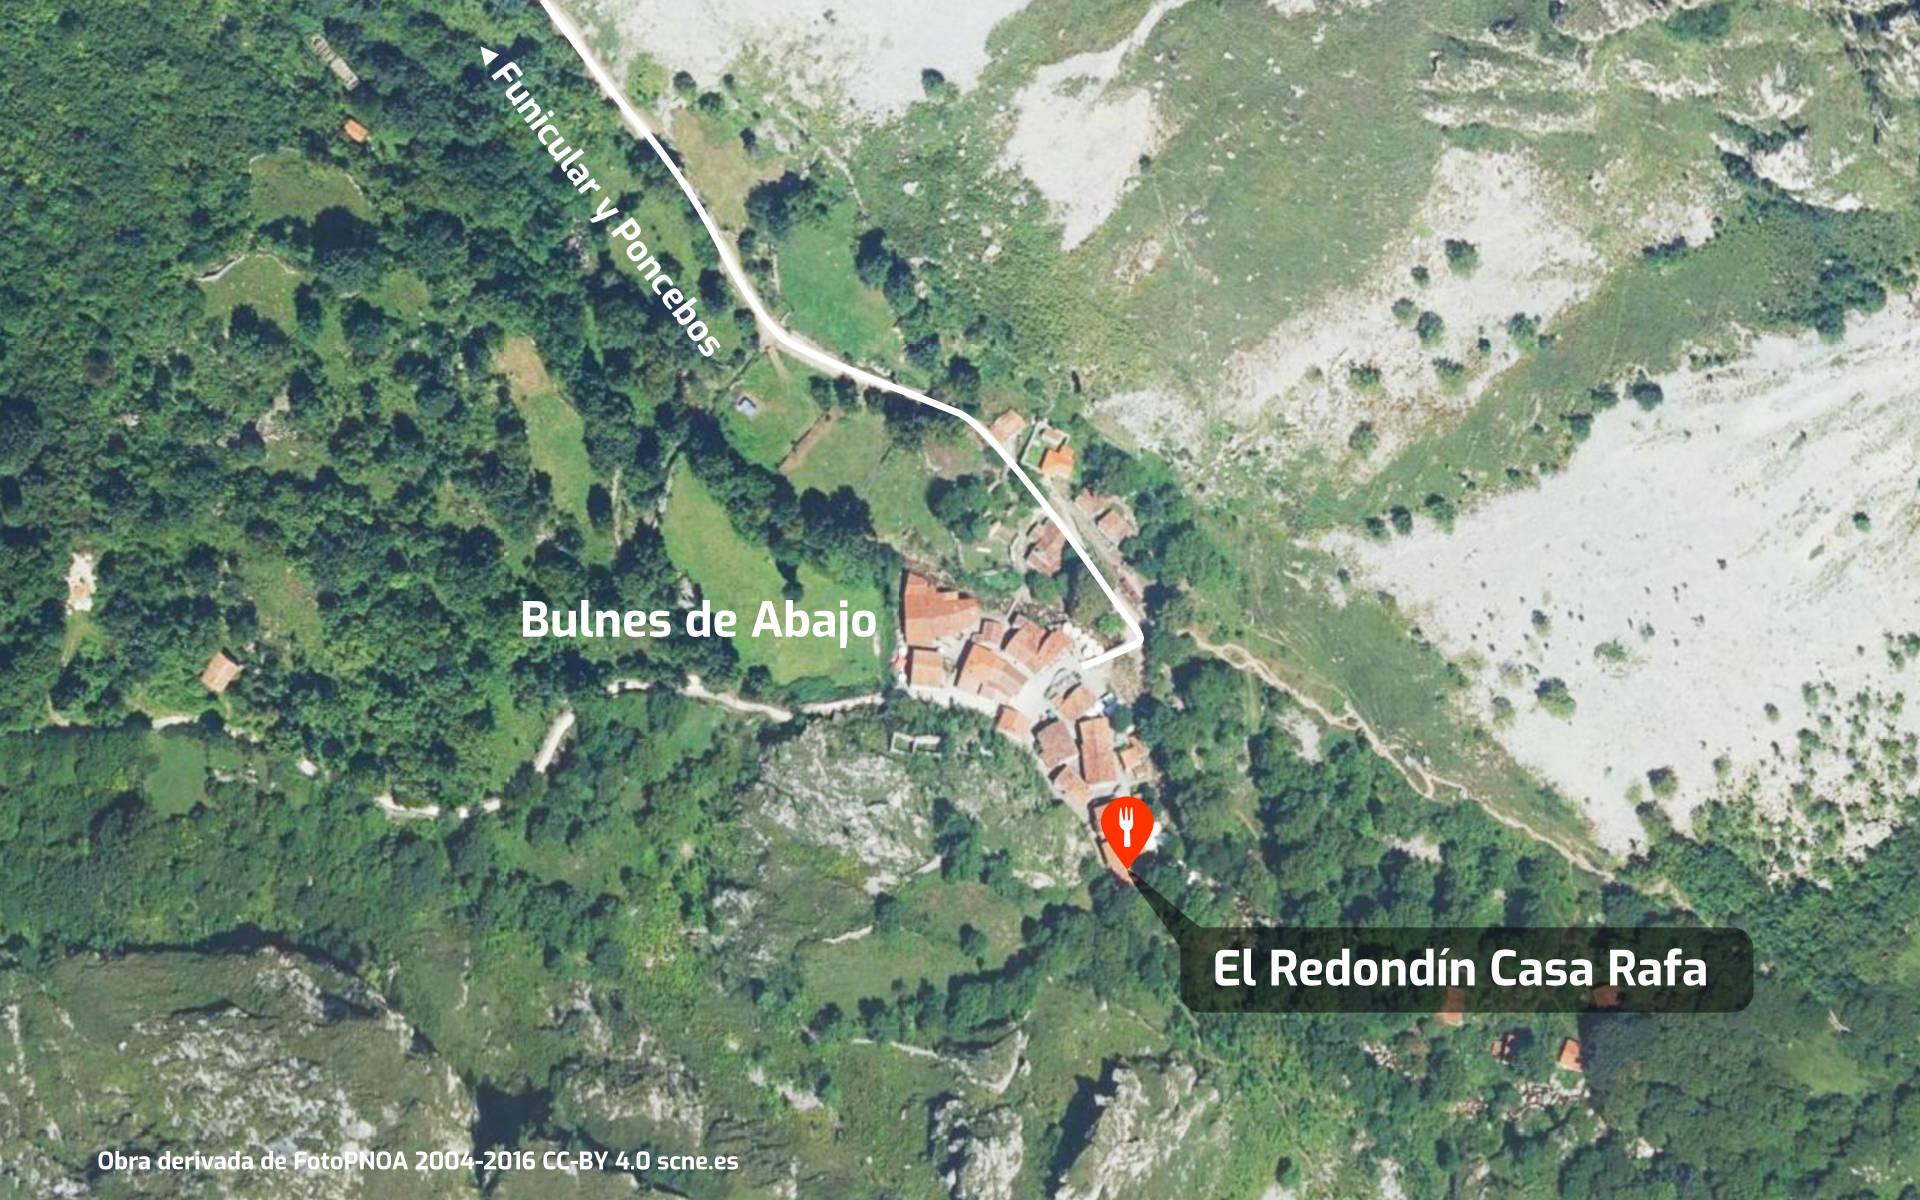 Mapa de cómo llegar al restaurante El Redondín Casa Rafa en Bulnes, Asturias